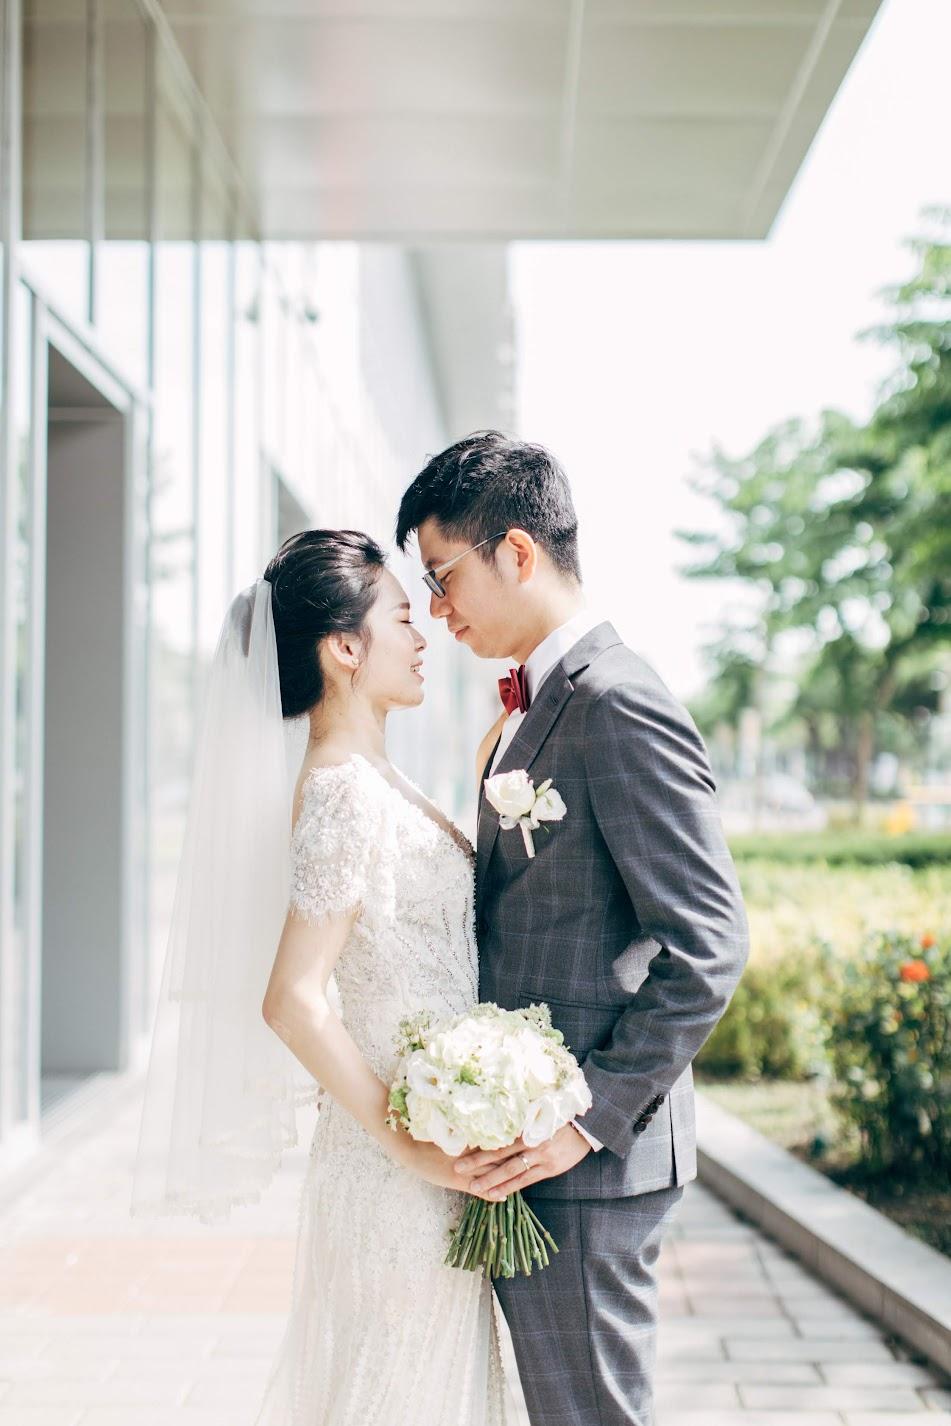 台南老爺行旅婚禮-Amazing Grace 婚攝-AG婚紗-美式婚禮紀錄 – 婚禮紀錄 – 美式婚攝